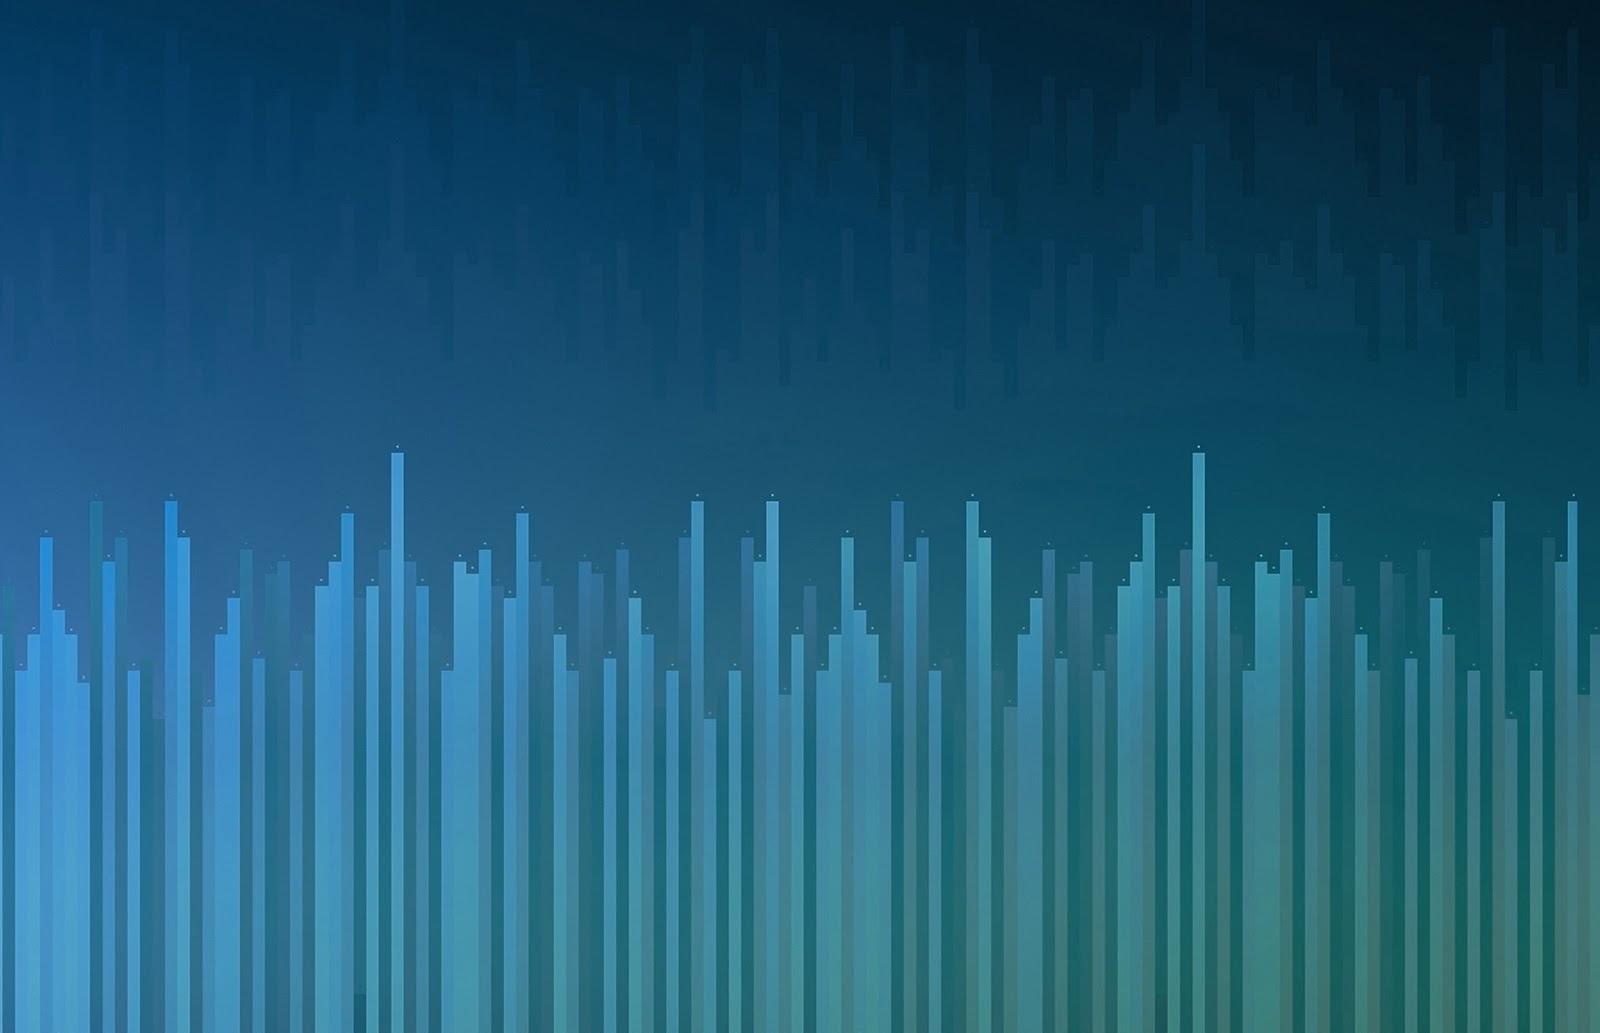 Nexus 7 Wallpapers 2013 1600x1033